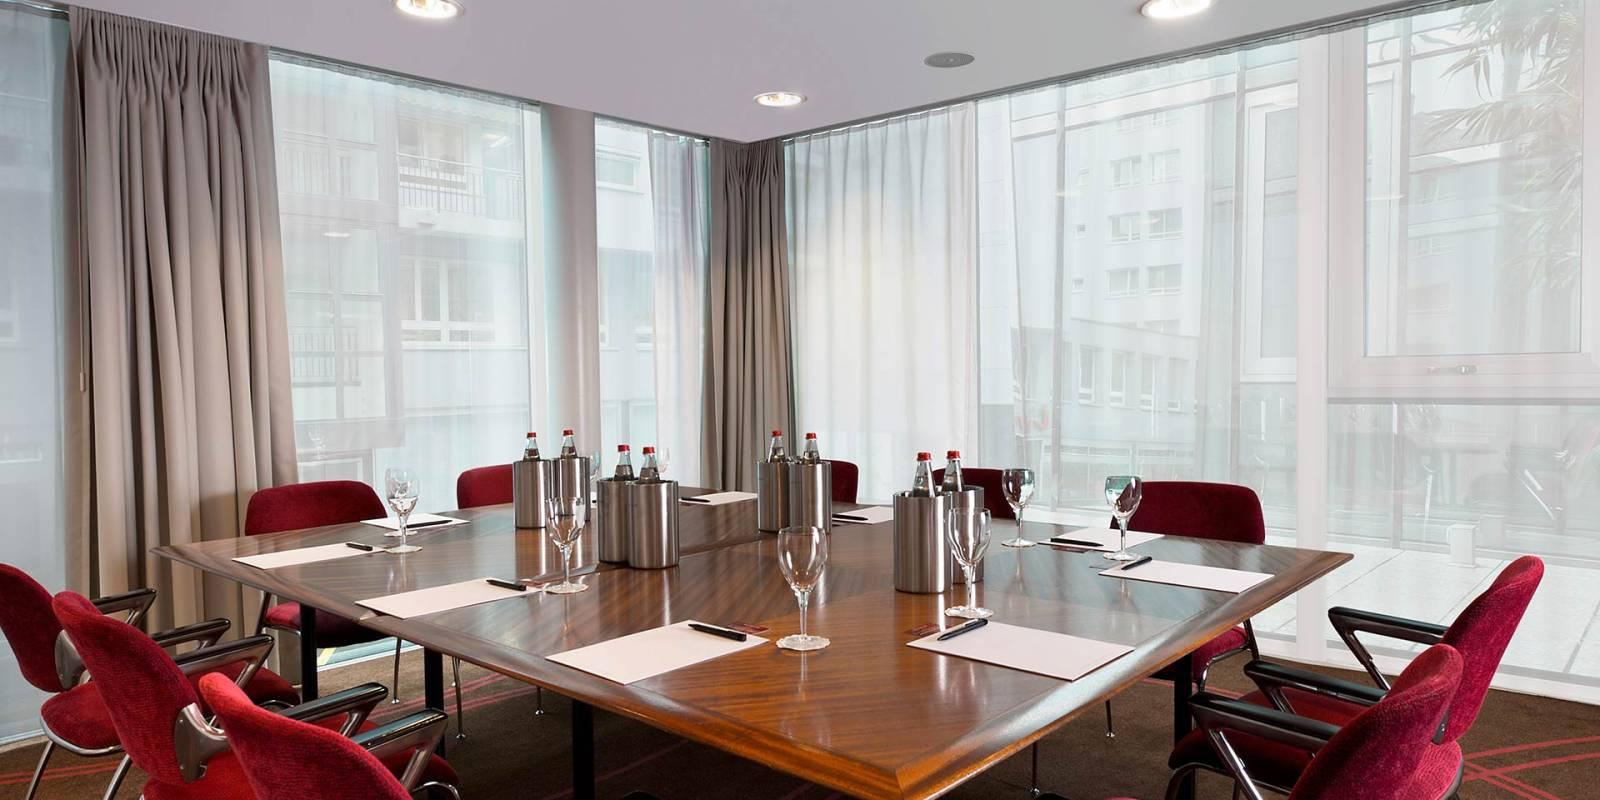 Design hotel astoria in luzern schweiz for Design hotel astoria